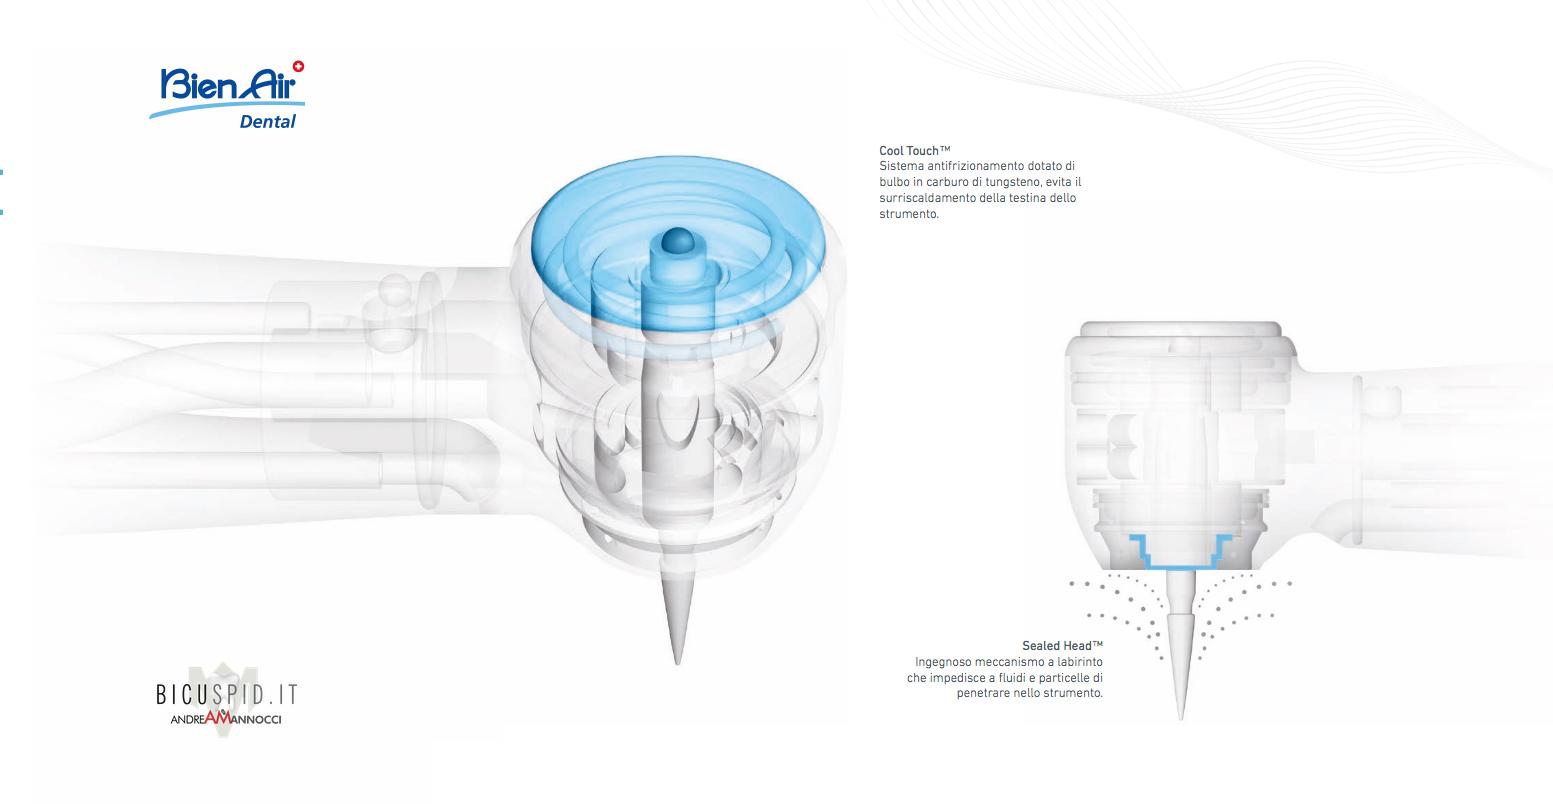 Turbina Tornado e sistemi antifrizionamento e blocco fluidi sulla turbina